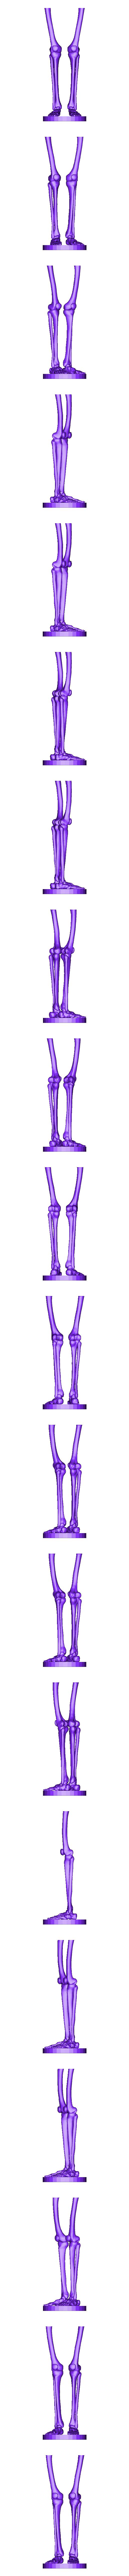 limbs_skel.stl Télécharger fichier STL gratuit Squelette humain • Objet imprimable en 3D, Cornbald